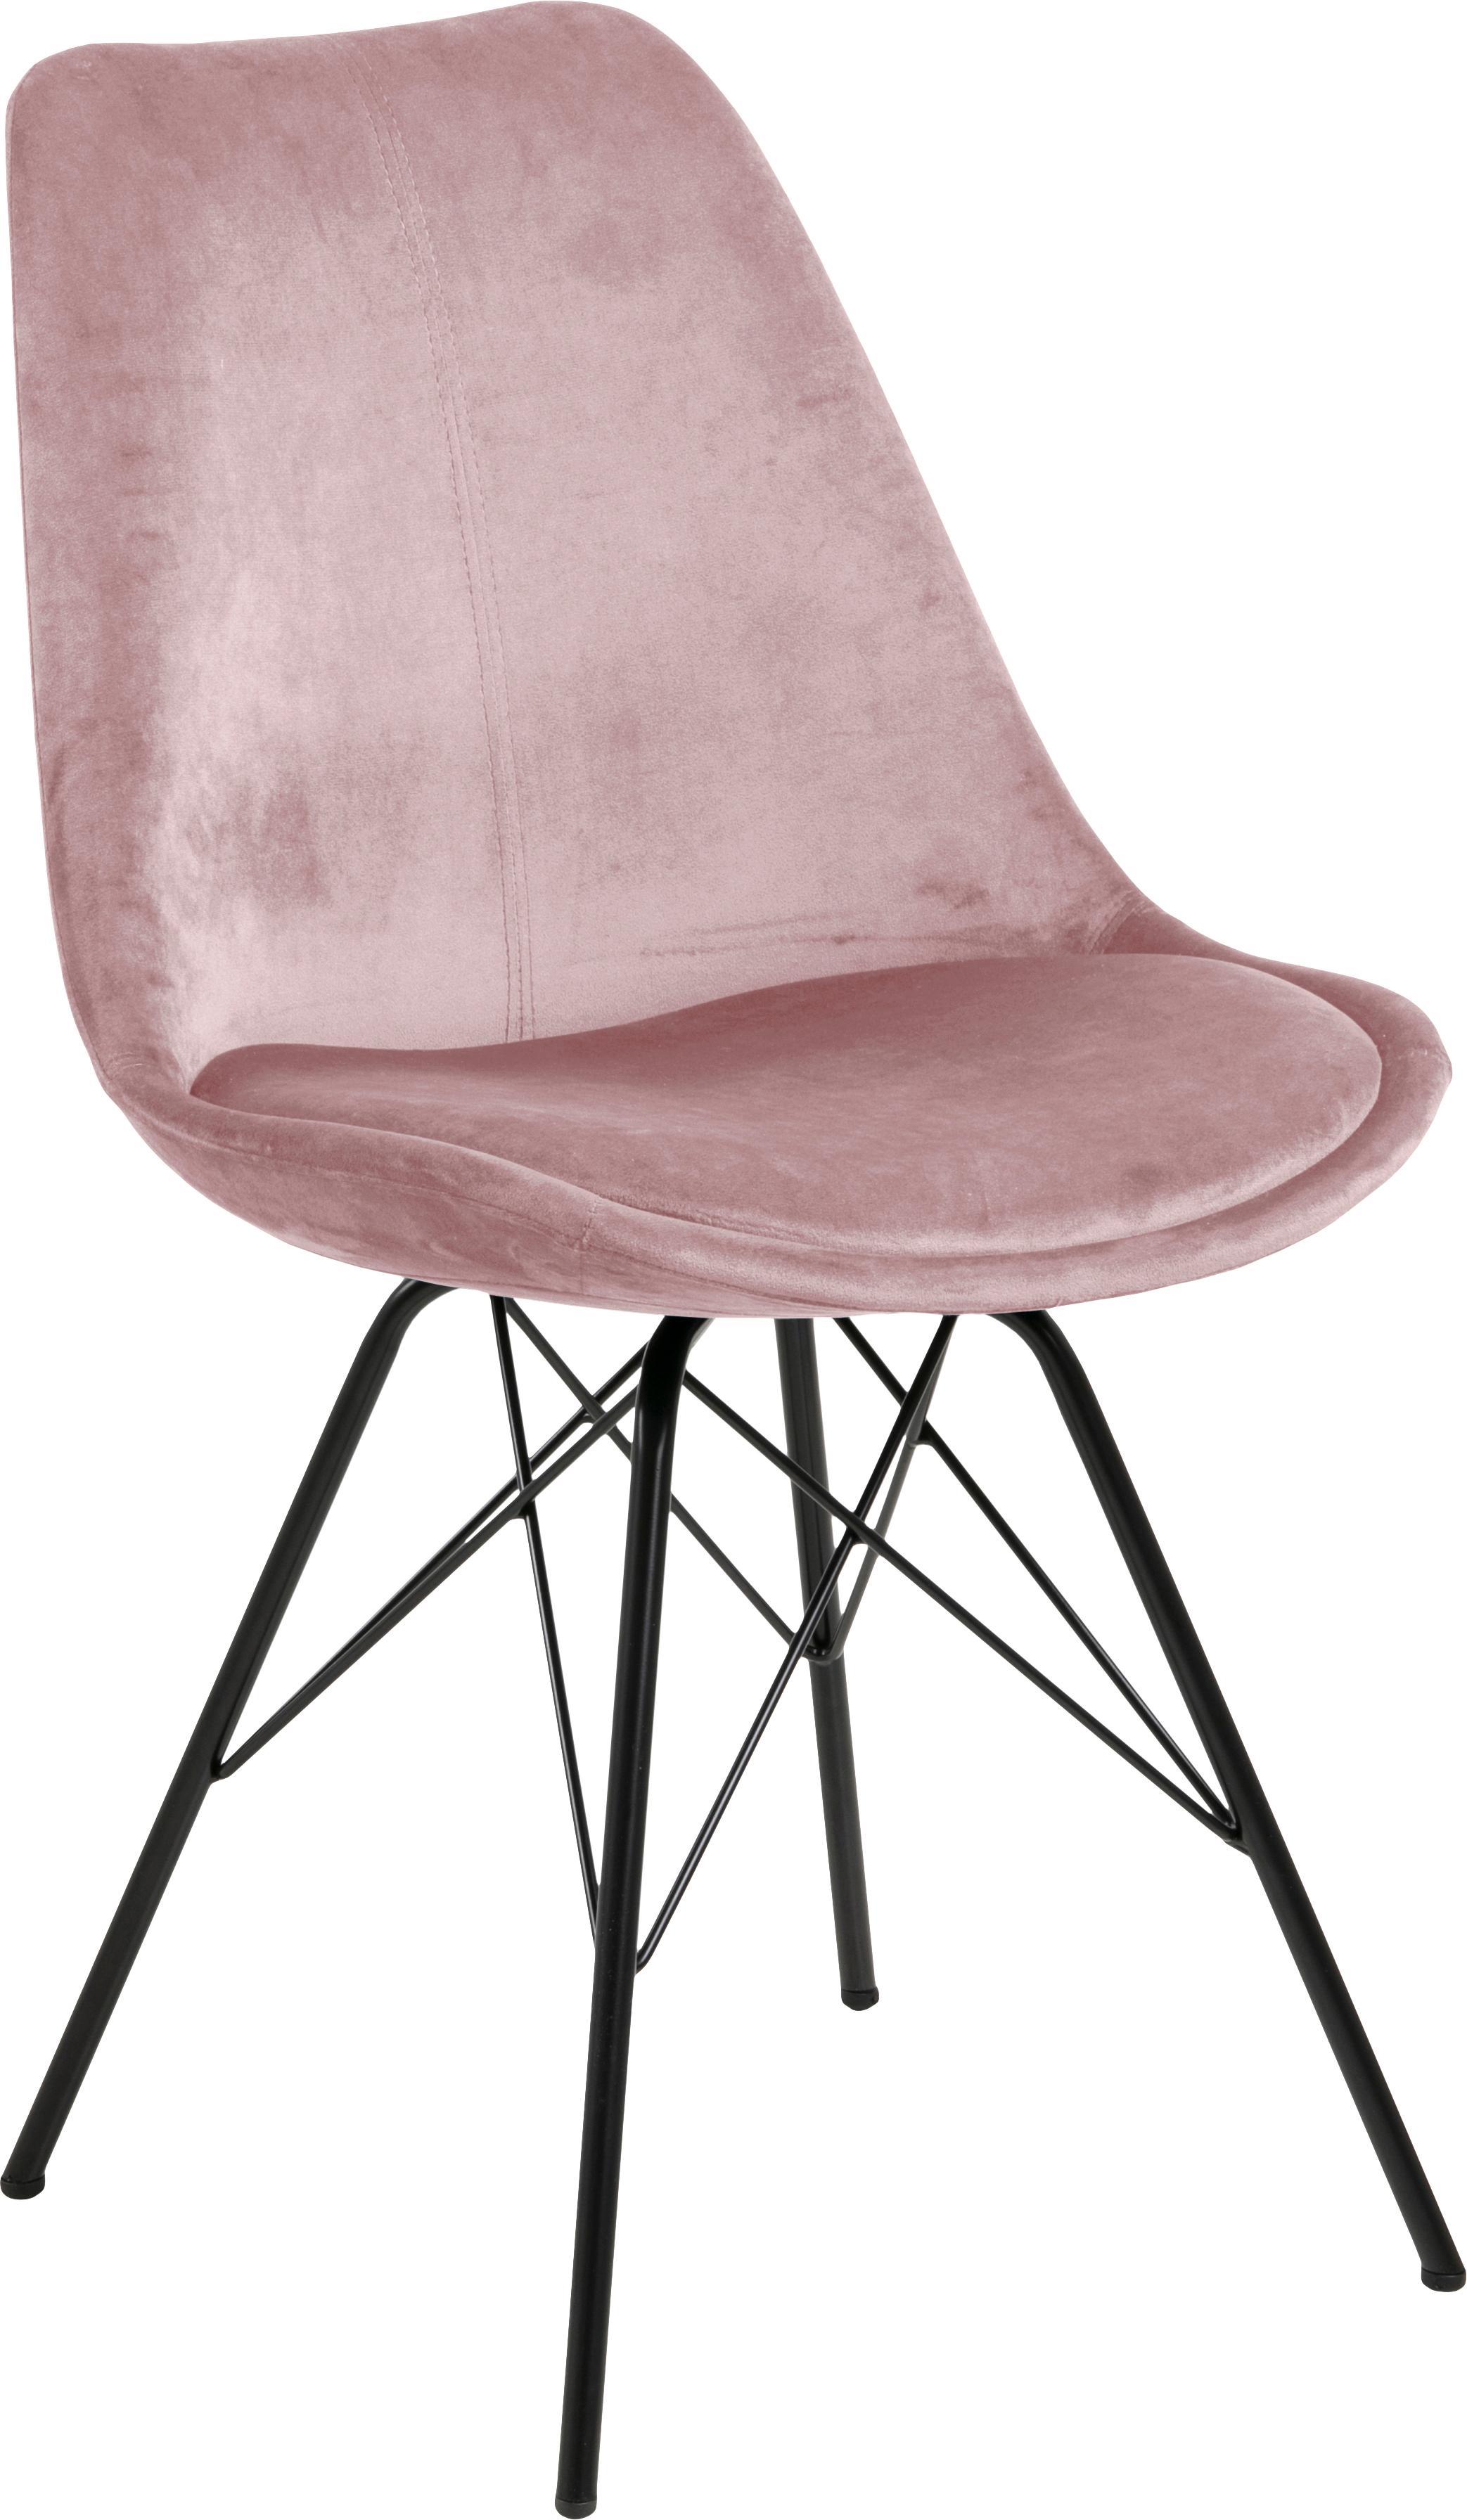 Krzesło tapicerowane z aksamitu Eris, 2 szt., Tapicerka: aksamit poliestrowy 2500, Nogi: metal malowany proszkowo, Aksamitny brudny różowy, nogi czarny, S 49 x G 54 cm